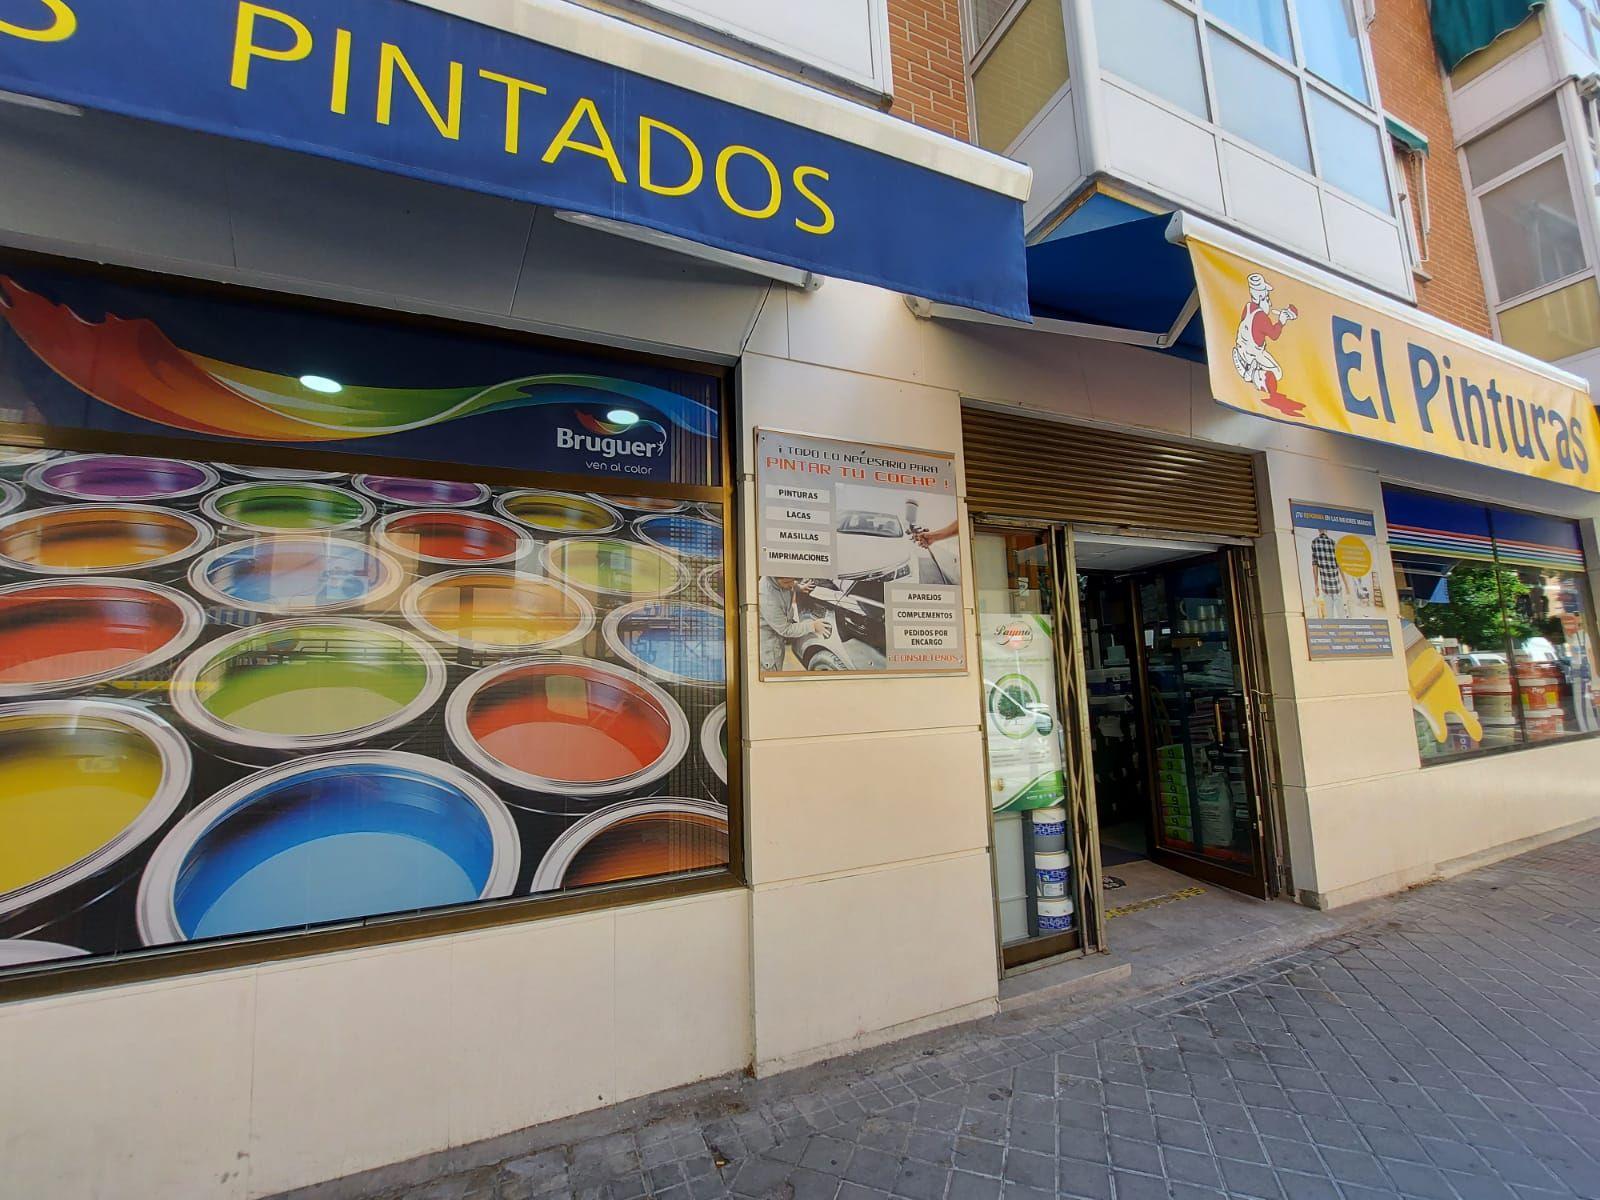 Foto 12 de Pinturas, barnices y papeles pintados en Madrid | El Pinturas, S. L.